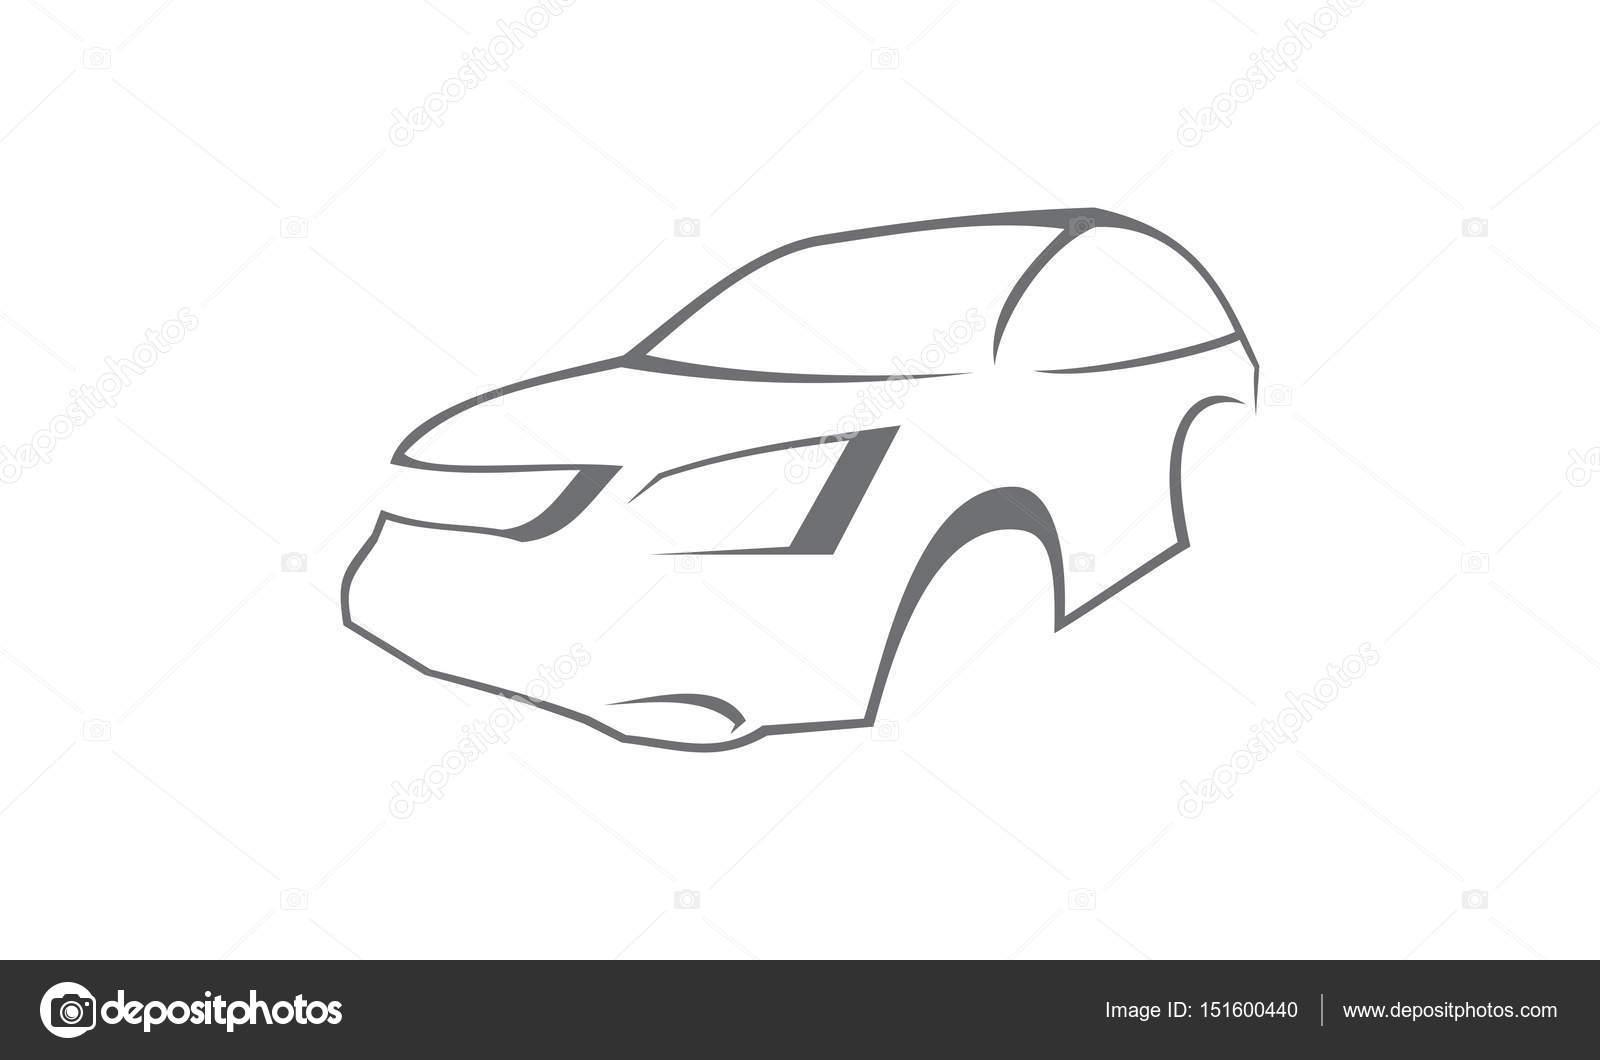 Plantilla de logotipo de coche — Fotos de Stock © alluranet #151600440